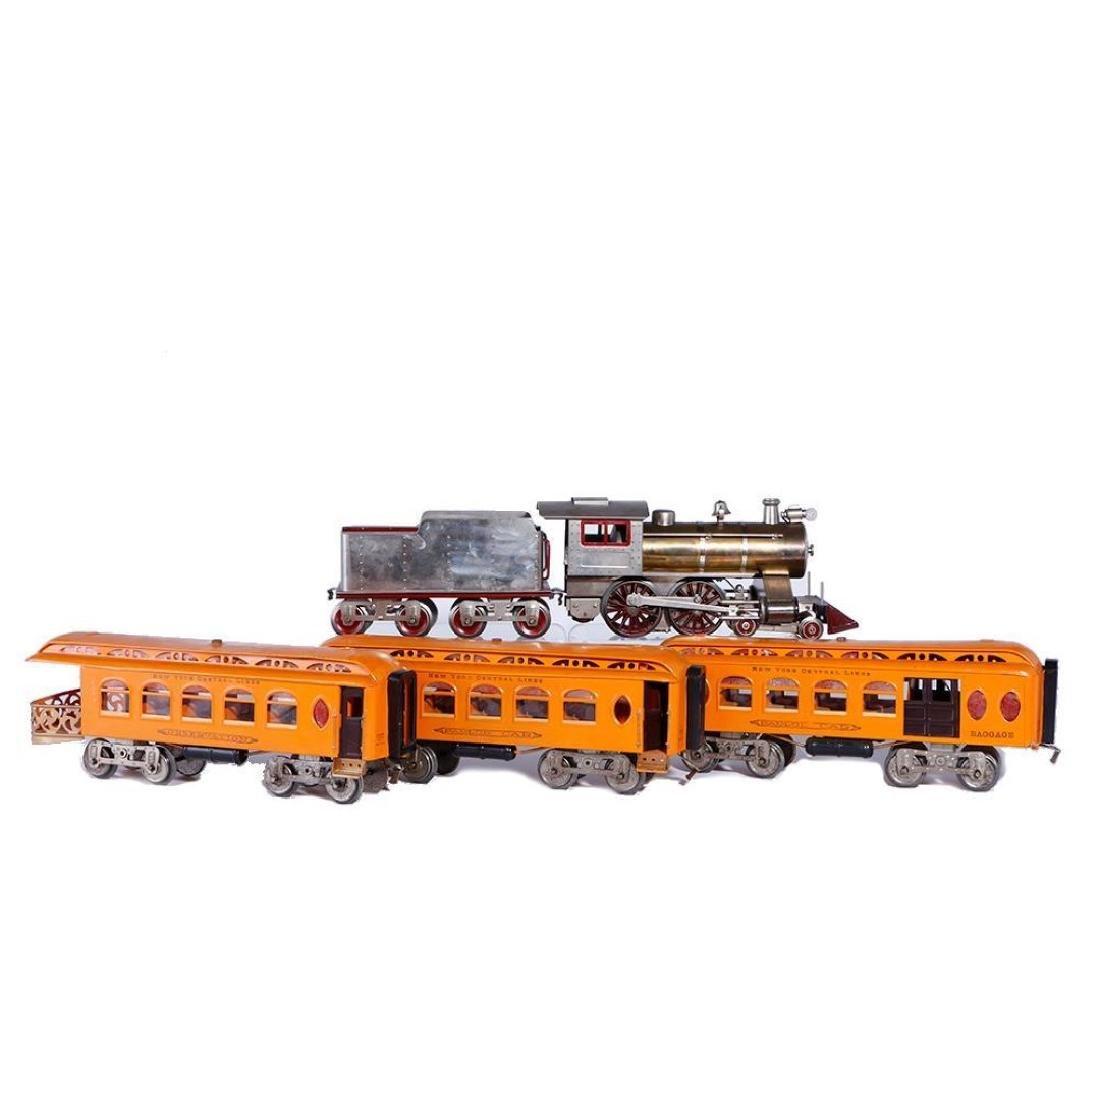 Lionel Std Gauge 7 Thin Rim Steam Loco with Orange Cars